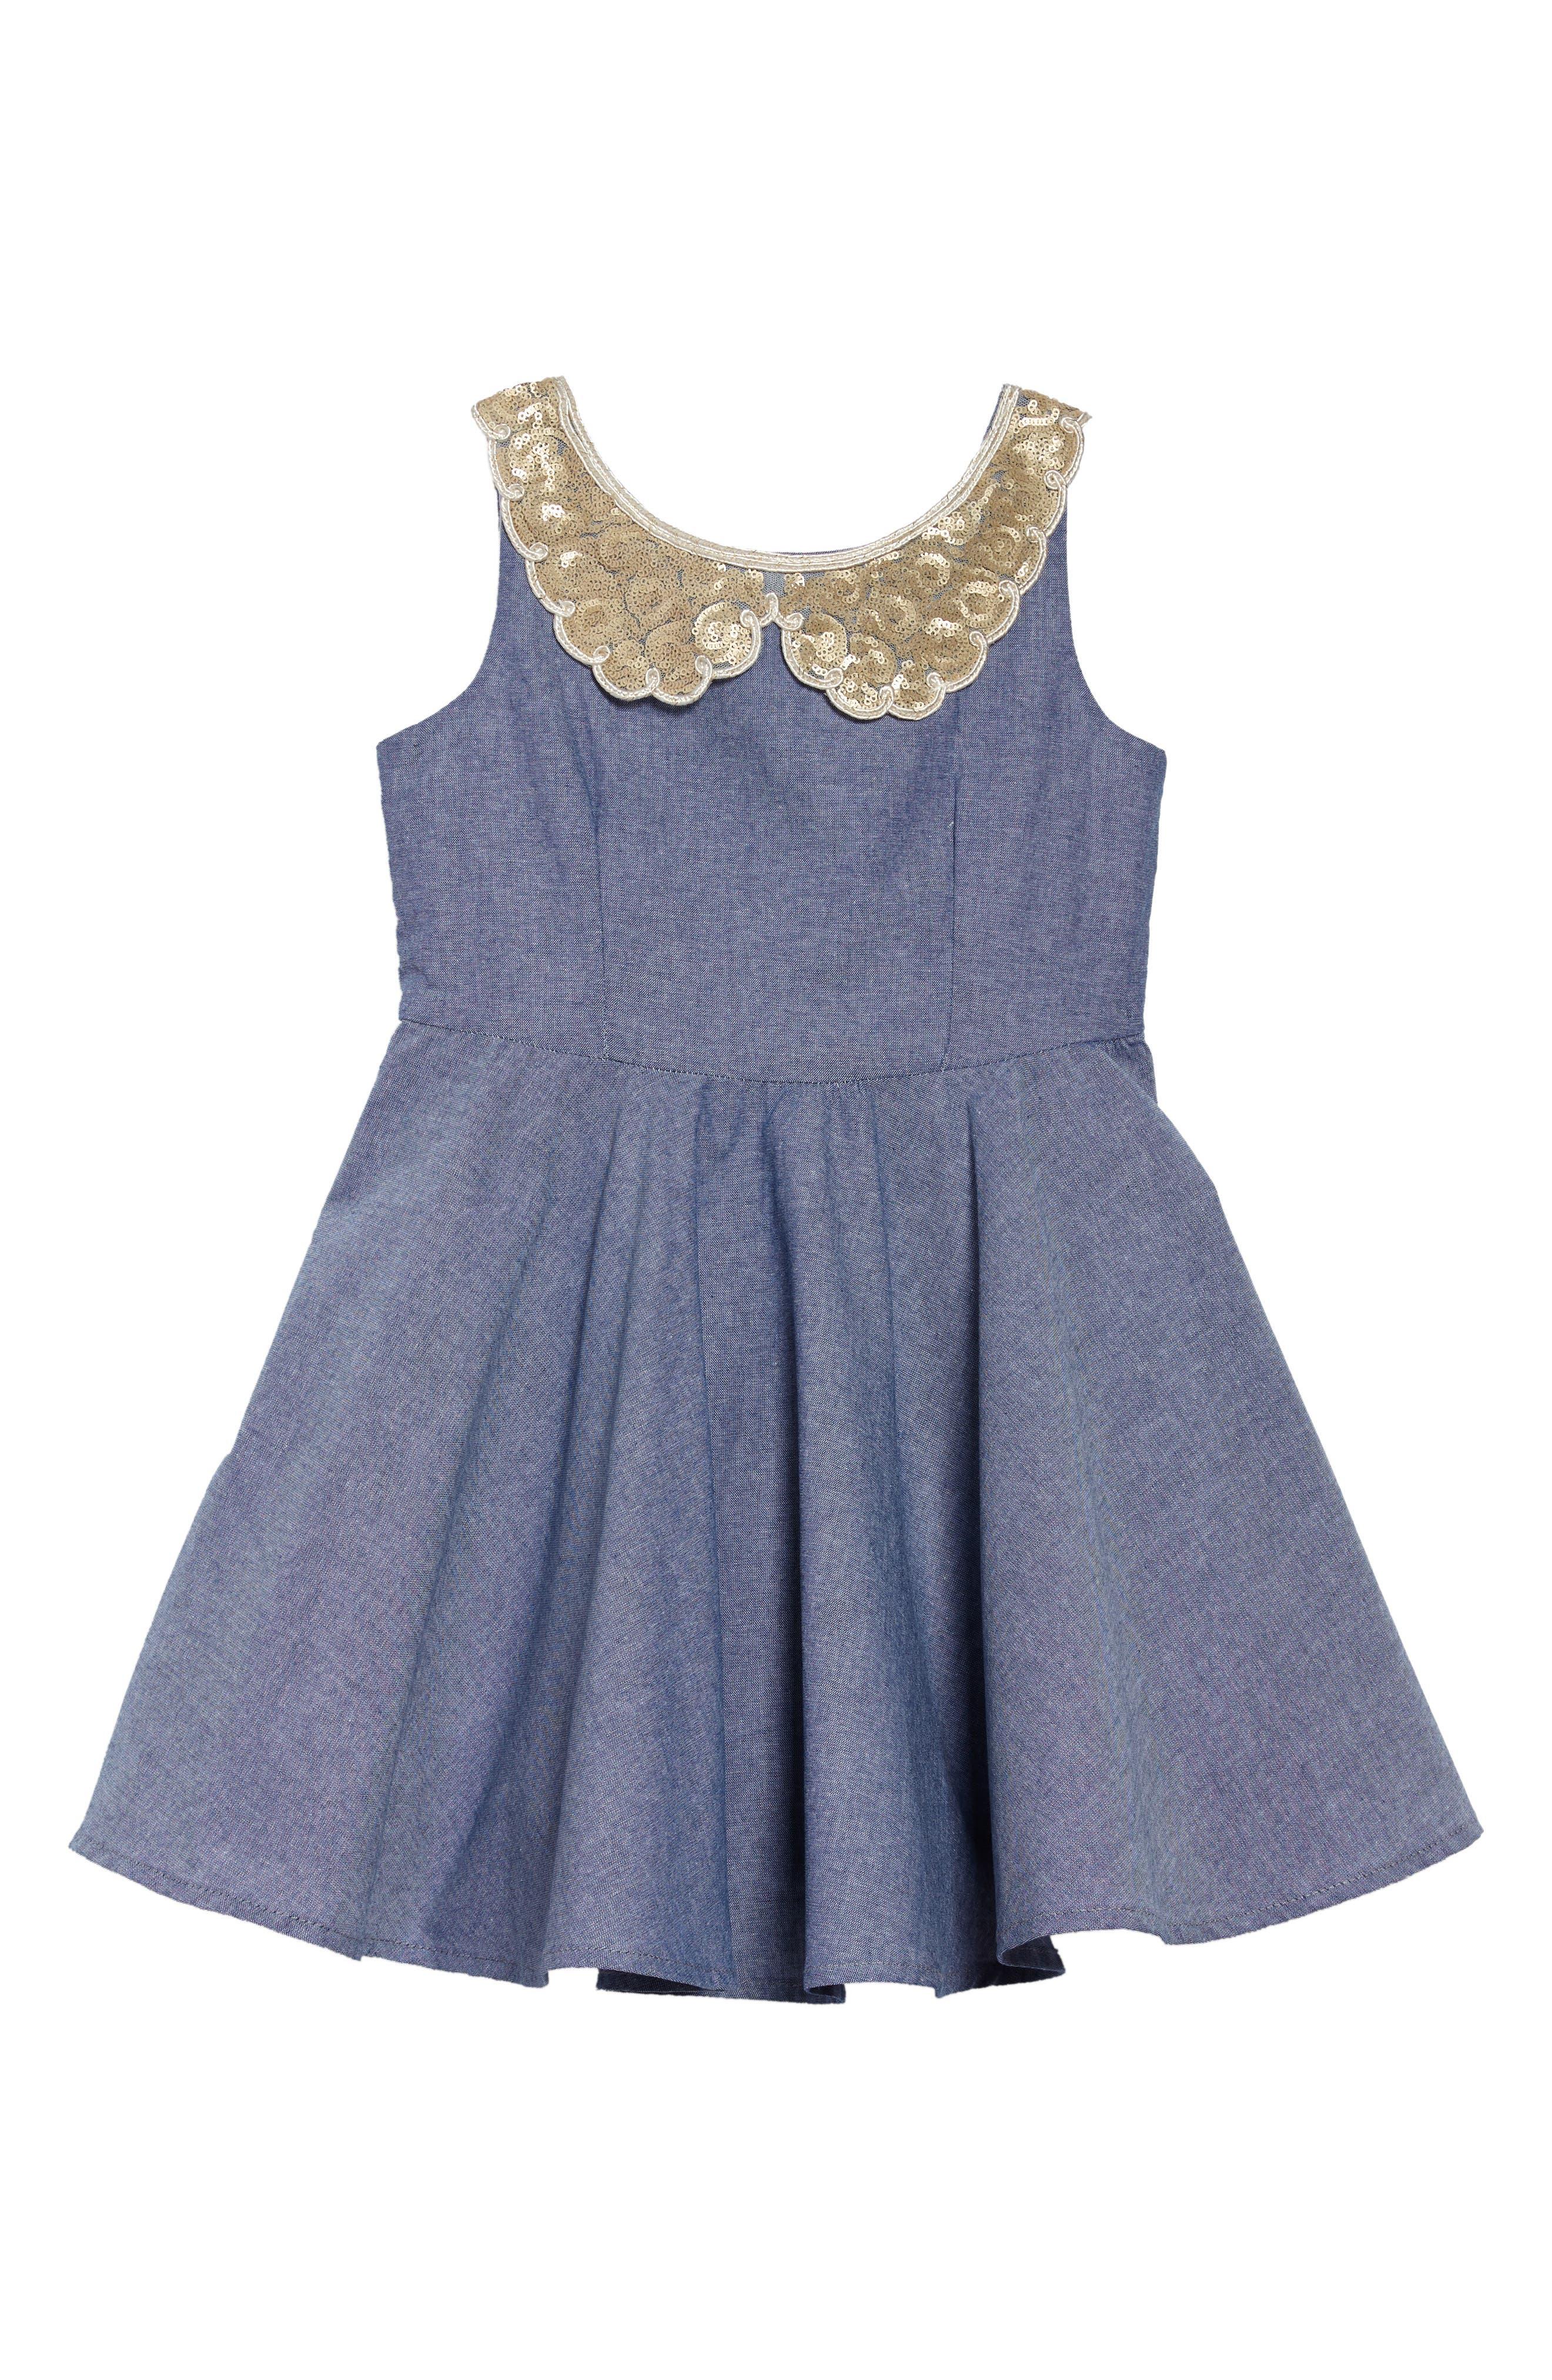 Darcy Chambray Dress,                             Main thumbnail 1, color,                             400